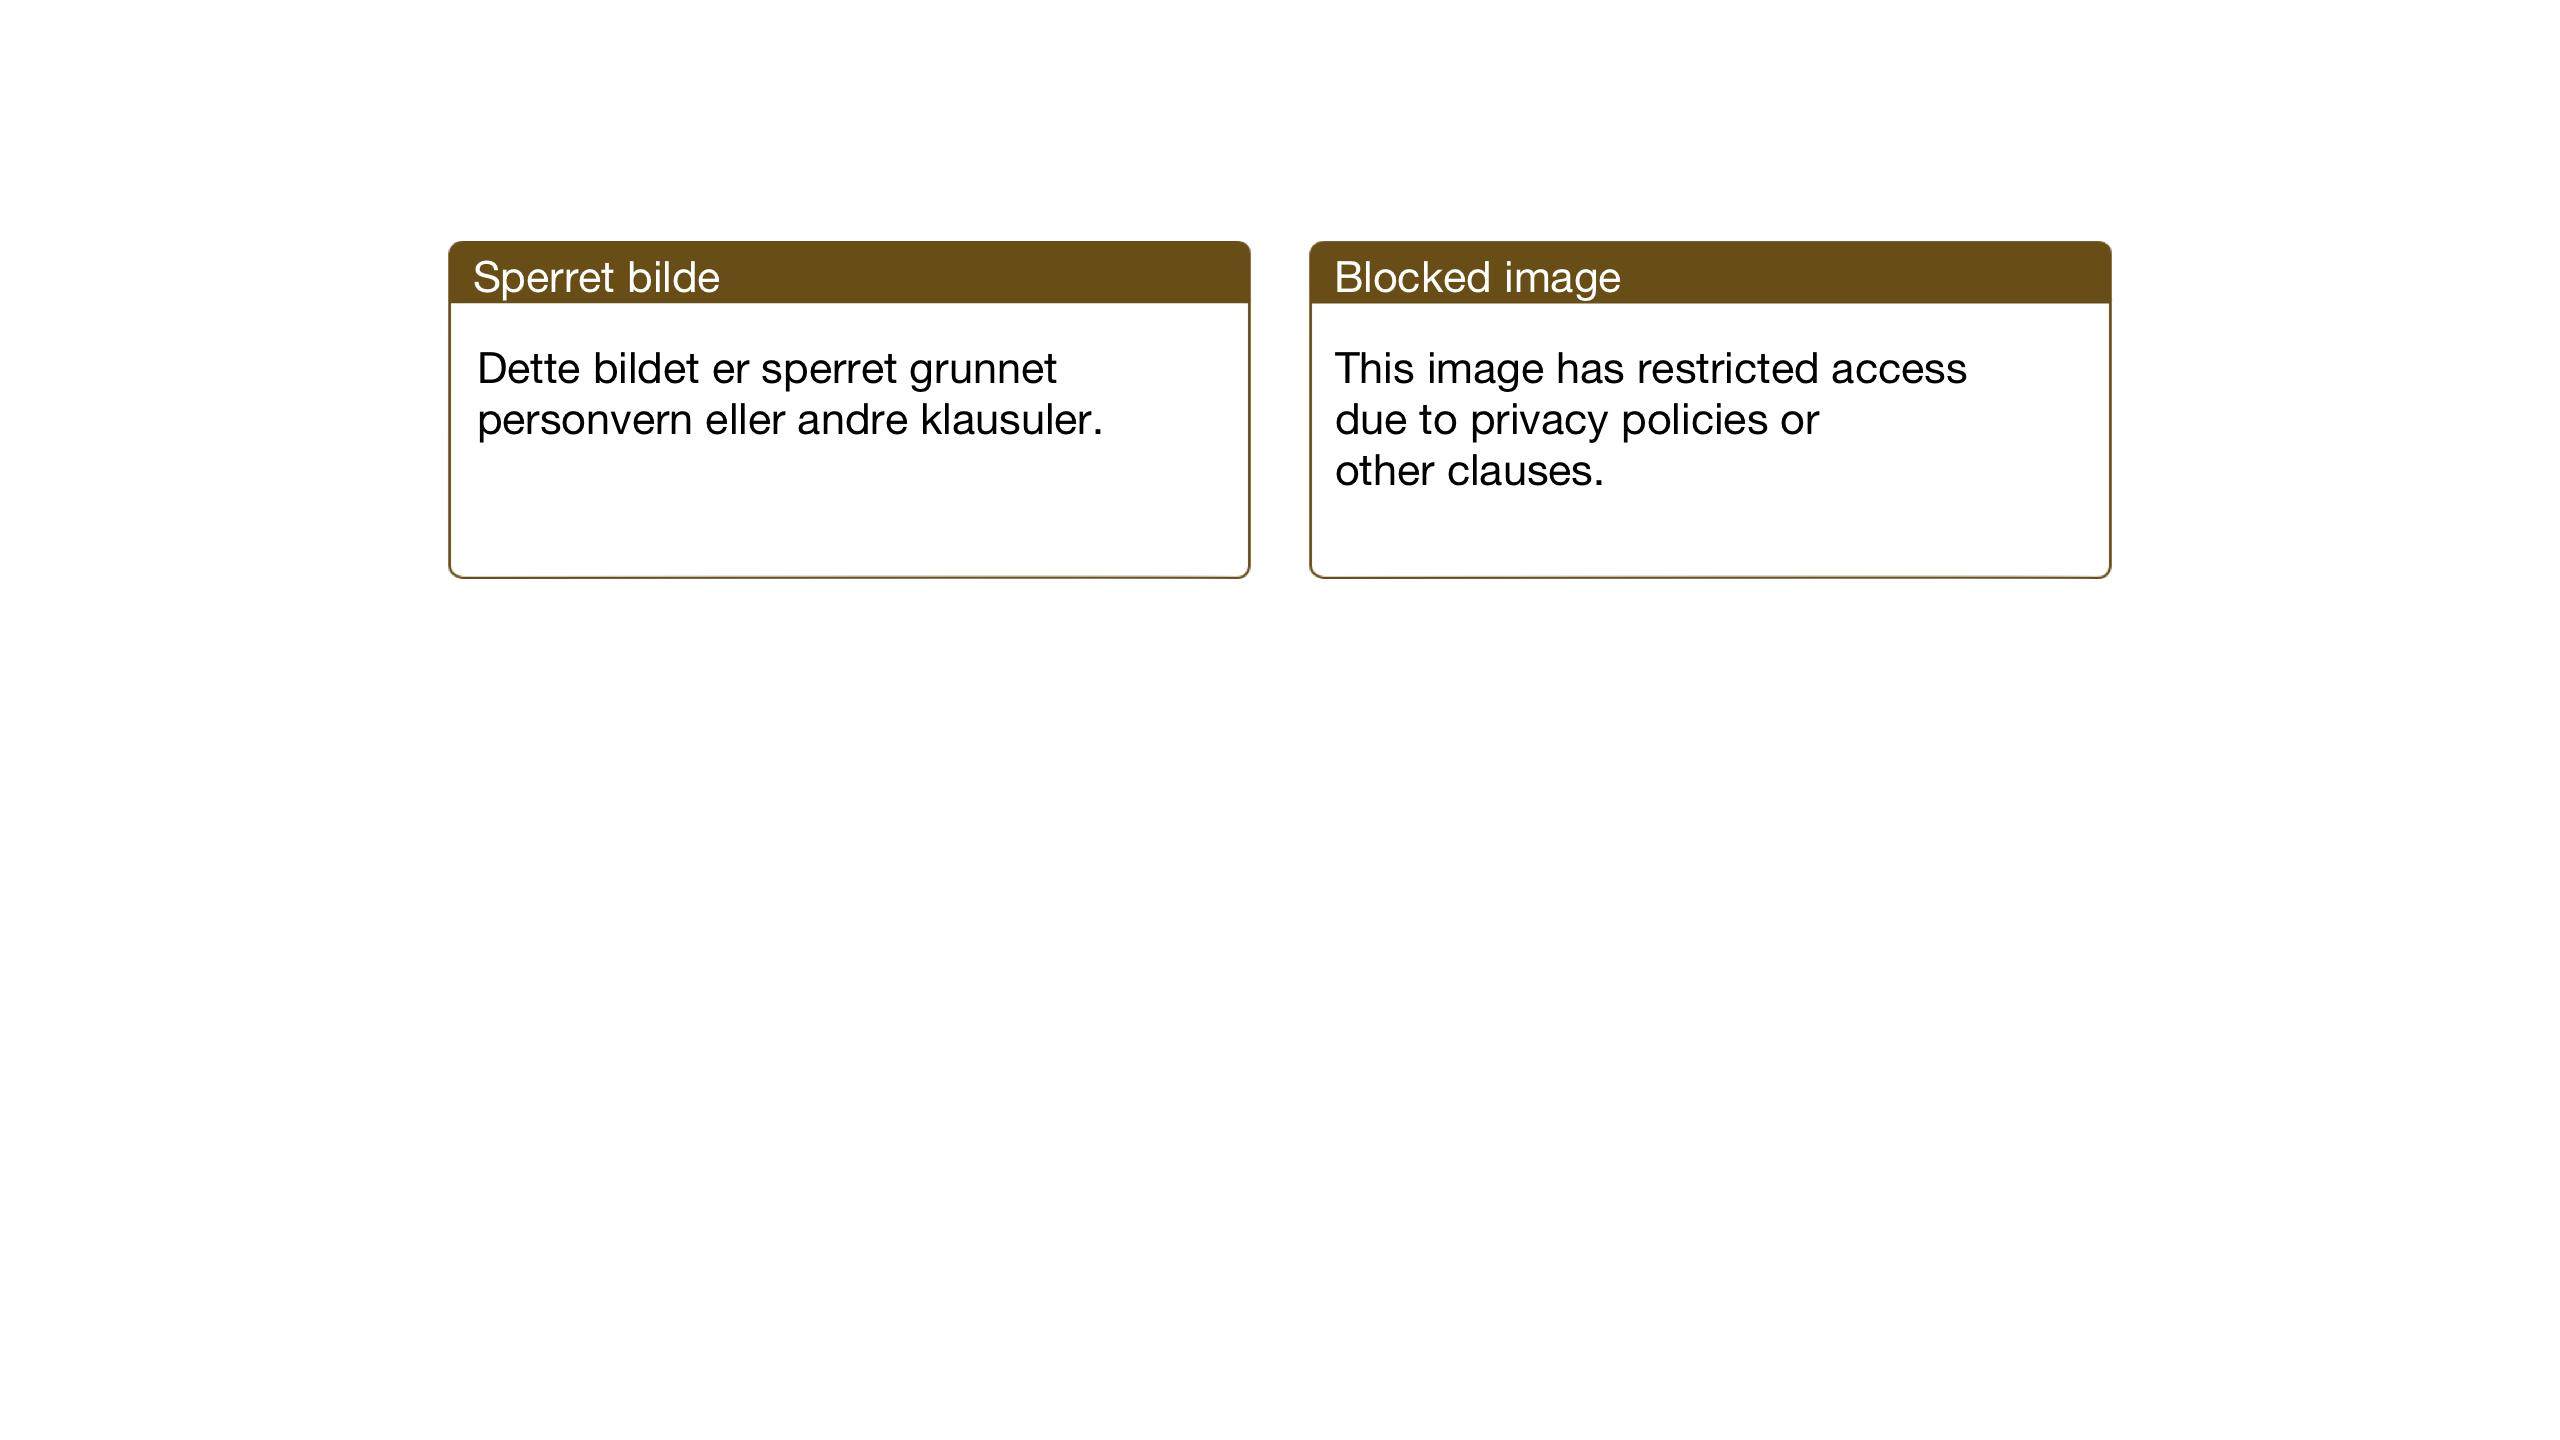 SAT, Ministerialprotokoller, klokkerbøker og fødselsregistre - Sør-Trøndelag, 667/L0799: Klokkerbok nr. 667C04, 1929-1950, s. 54